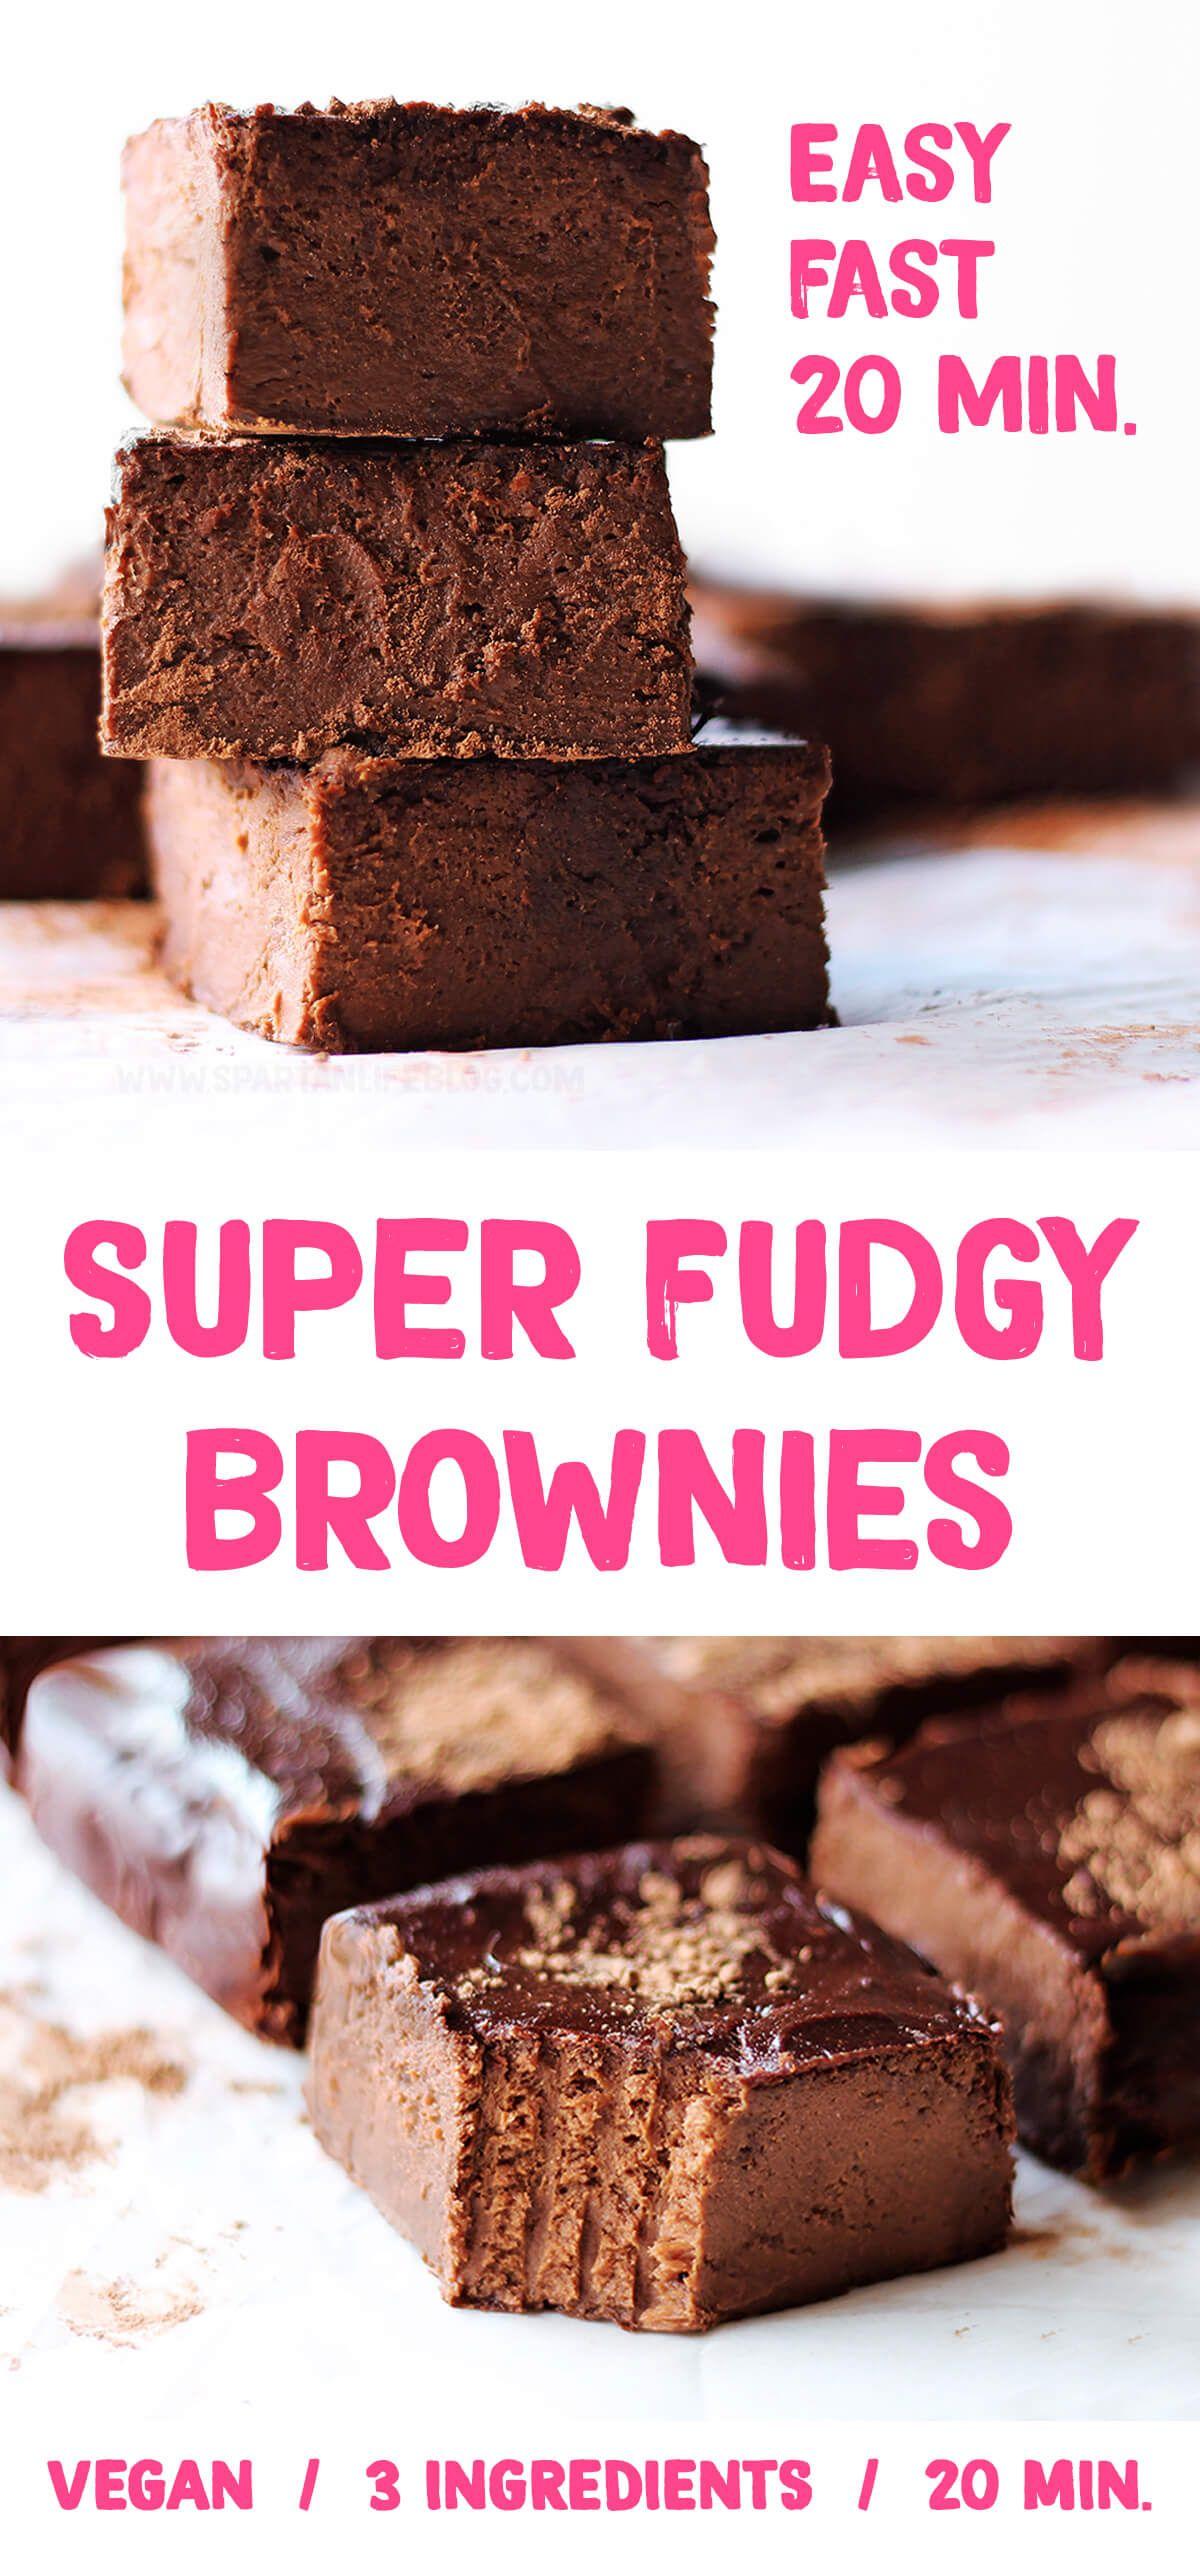 Super Fudgy Brownies Healthy Vegan Brownies Recipe In 2020 Healthy Vegan Brownies Brownie Recipes Brownie Recipes Healthy